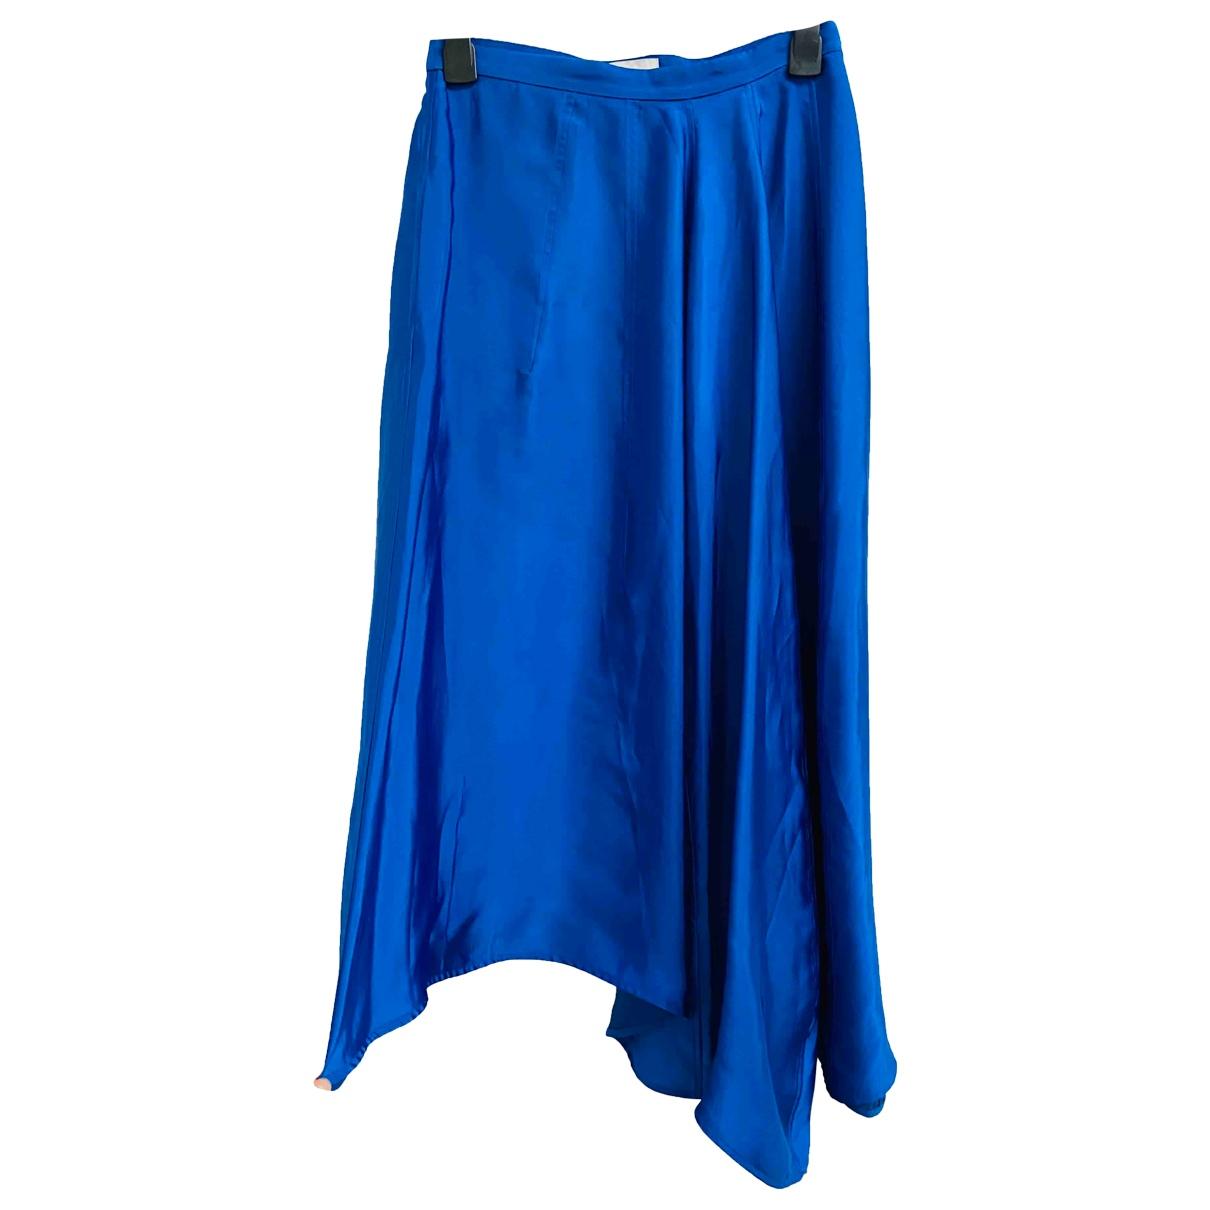 Cos \N Blue skirt for Women 38 FR